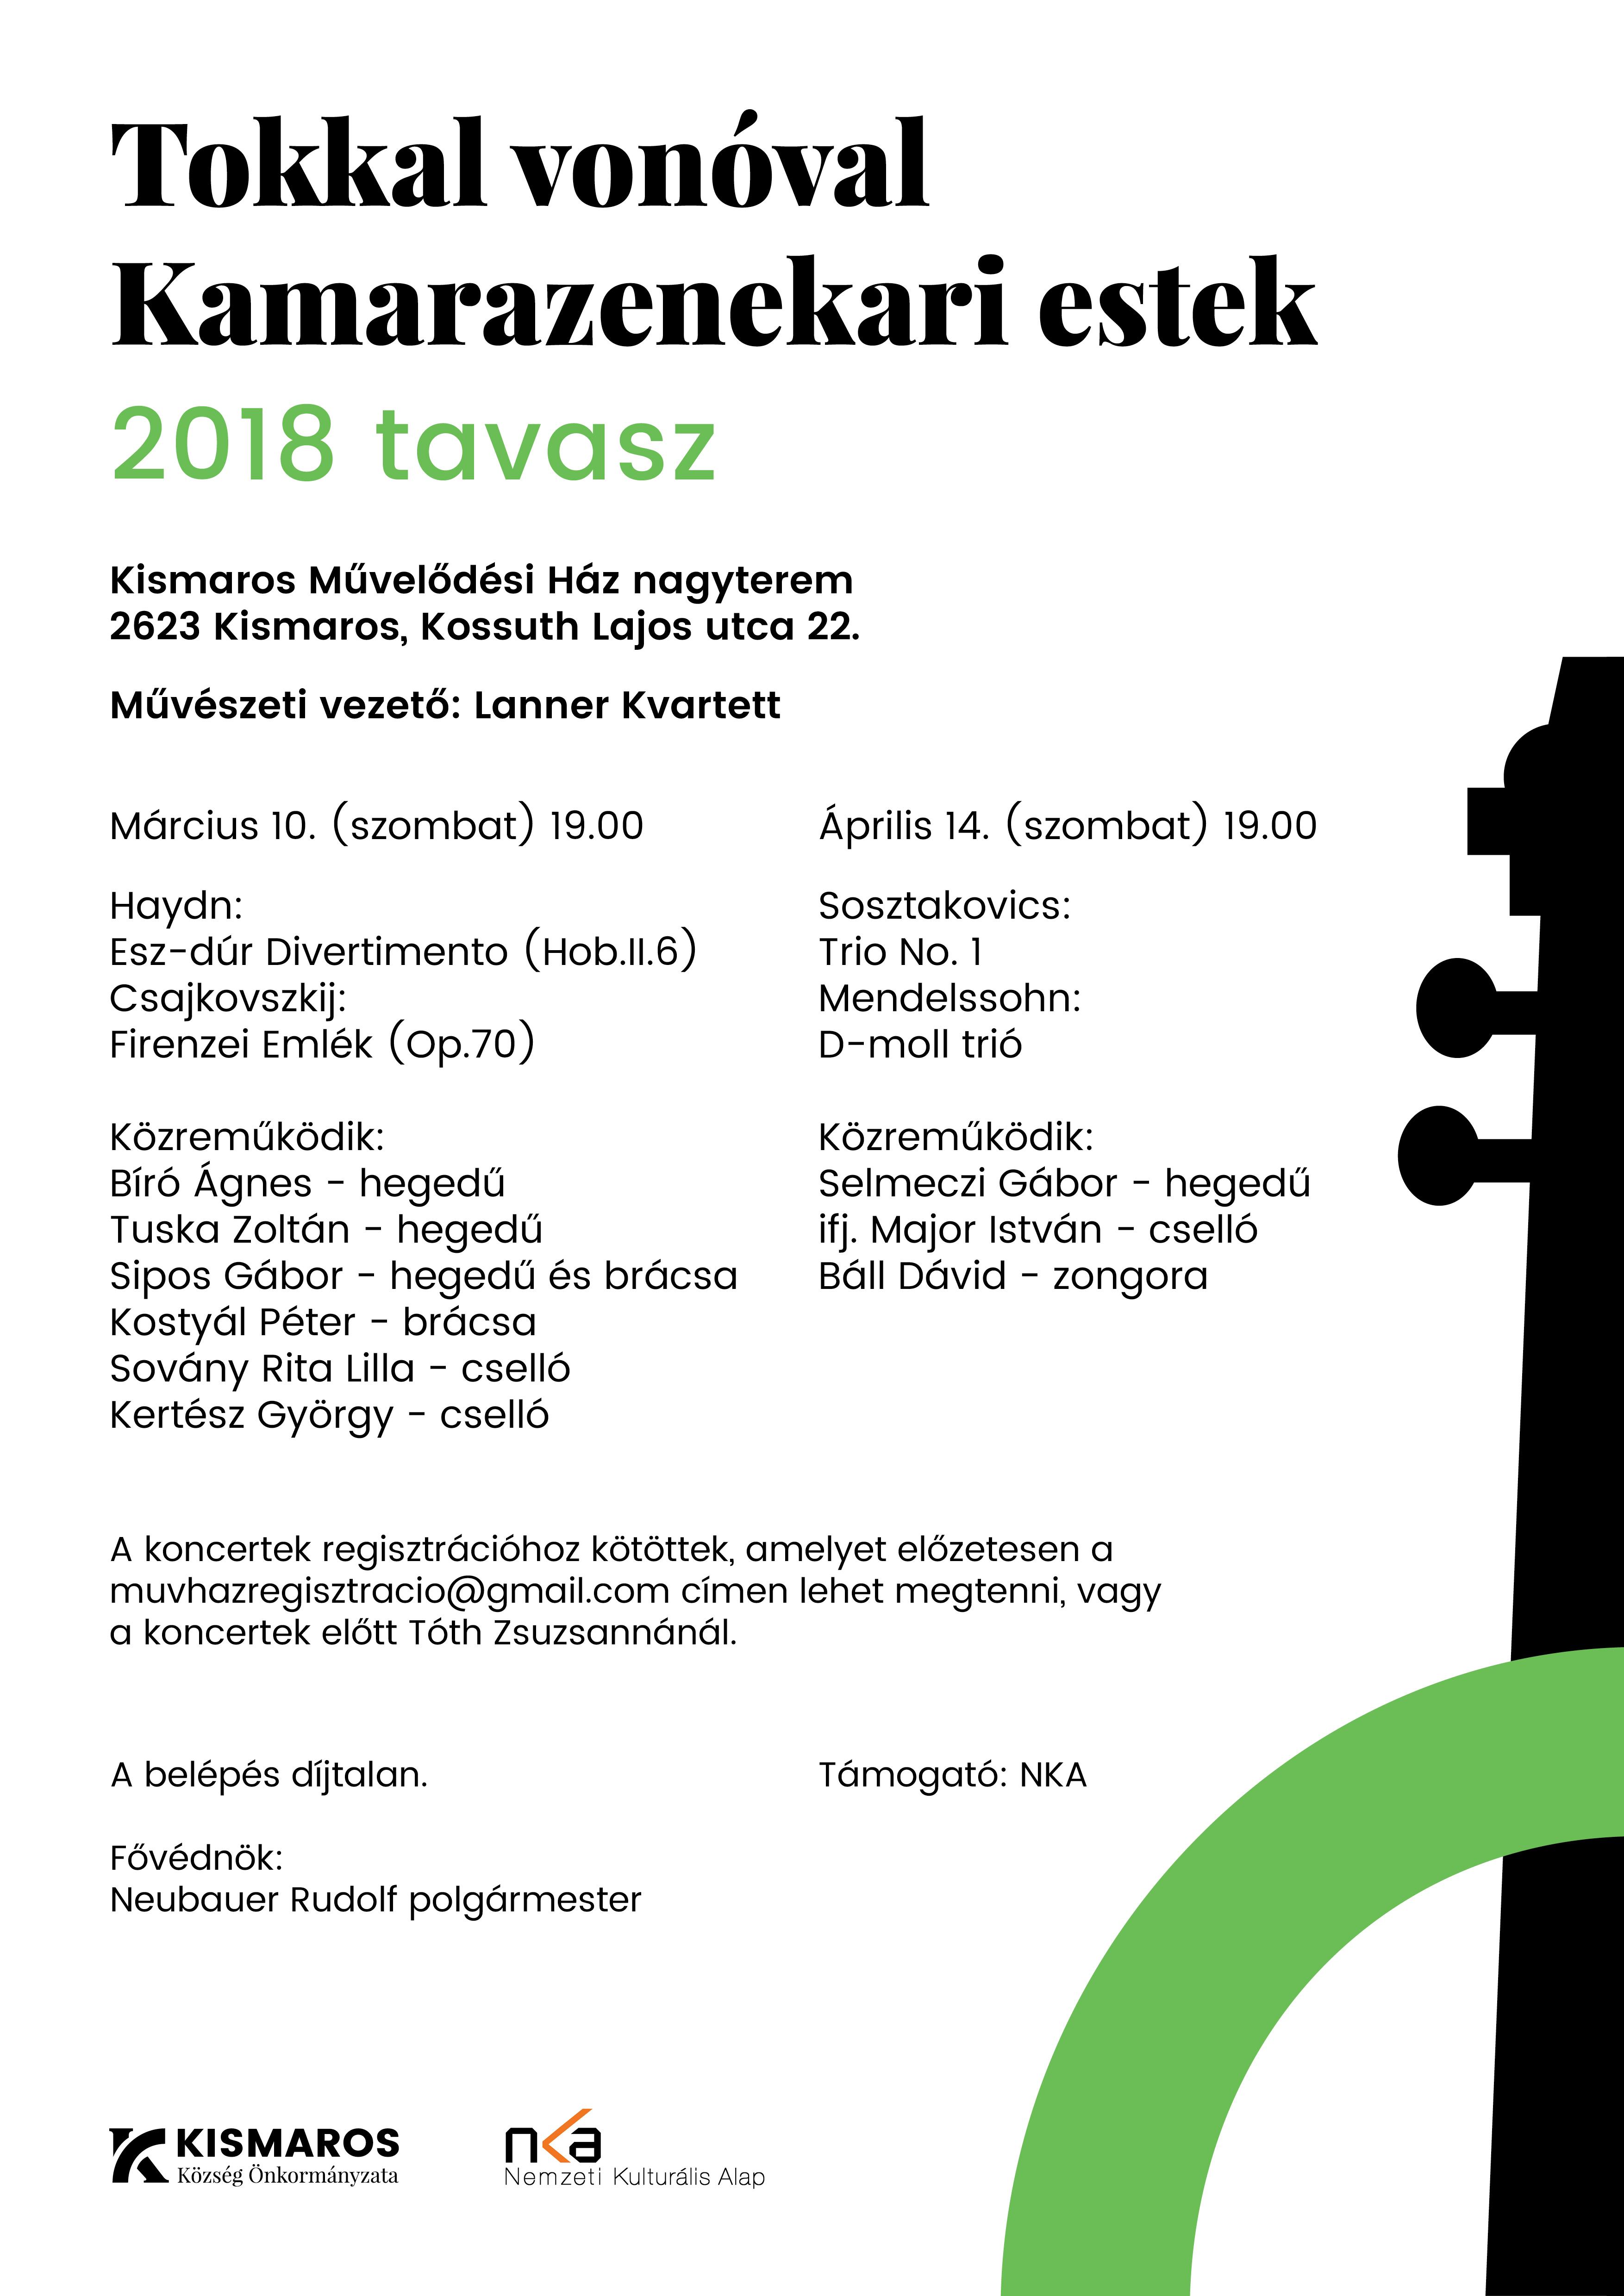 Kismaros_Tokkalvonoval_A3